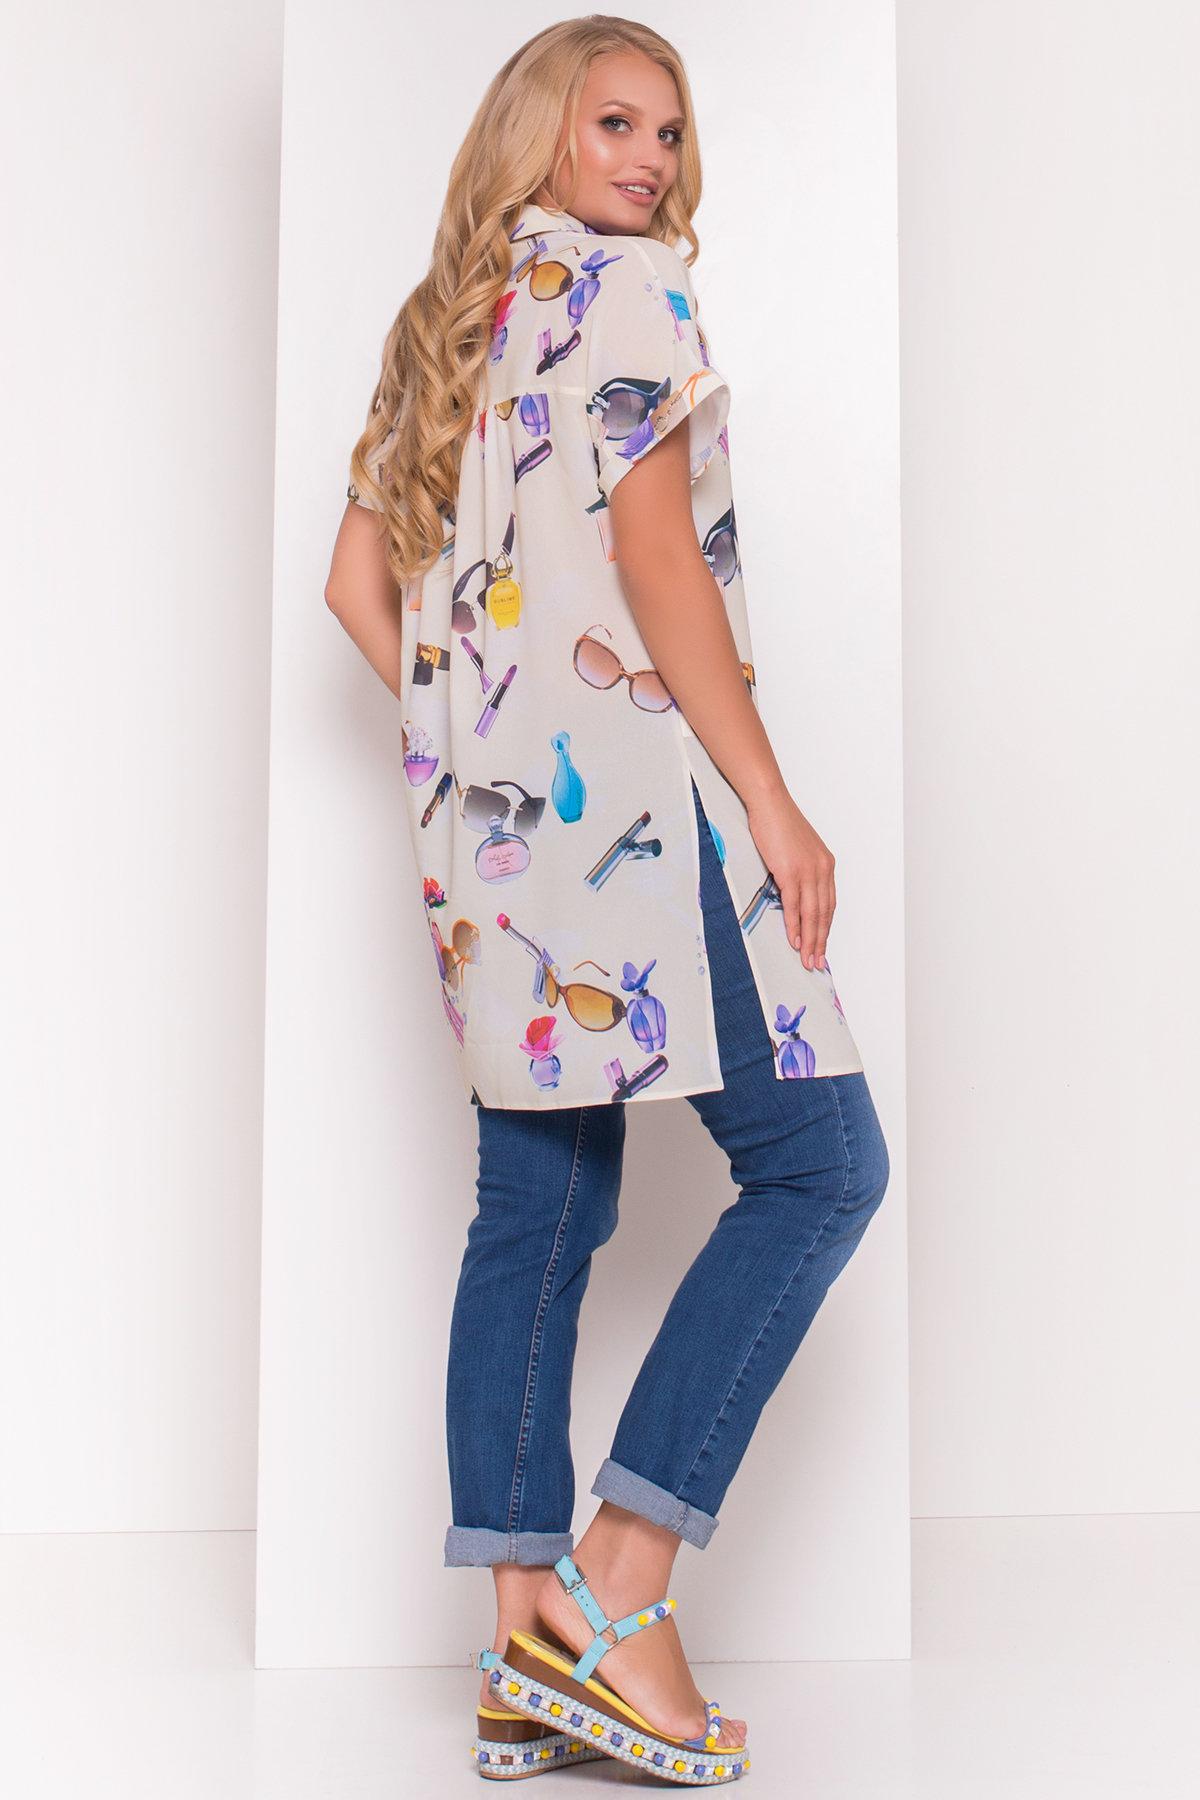 TW Платье -рубашка Шиен Donna 5239 АРТ. 36450 Цвет: Лимон Parfums - фото 4, интернет магазин tm-modus.ru